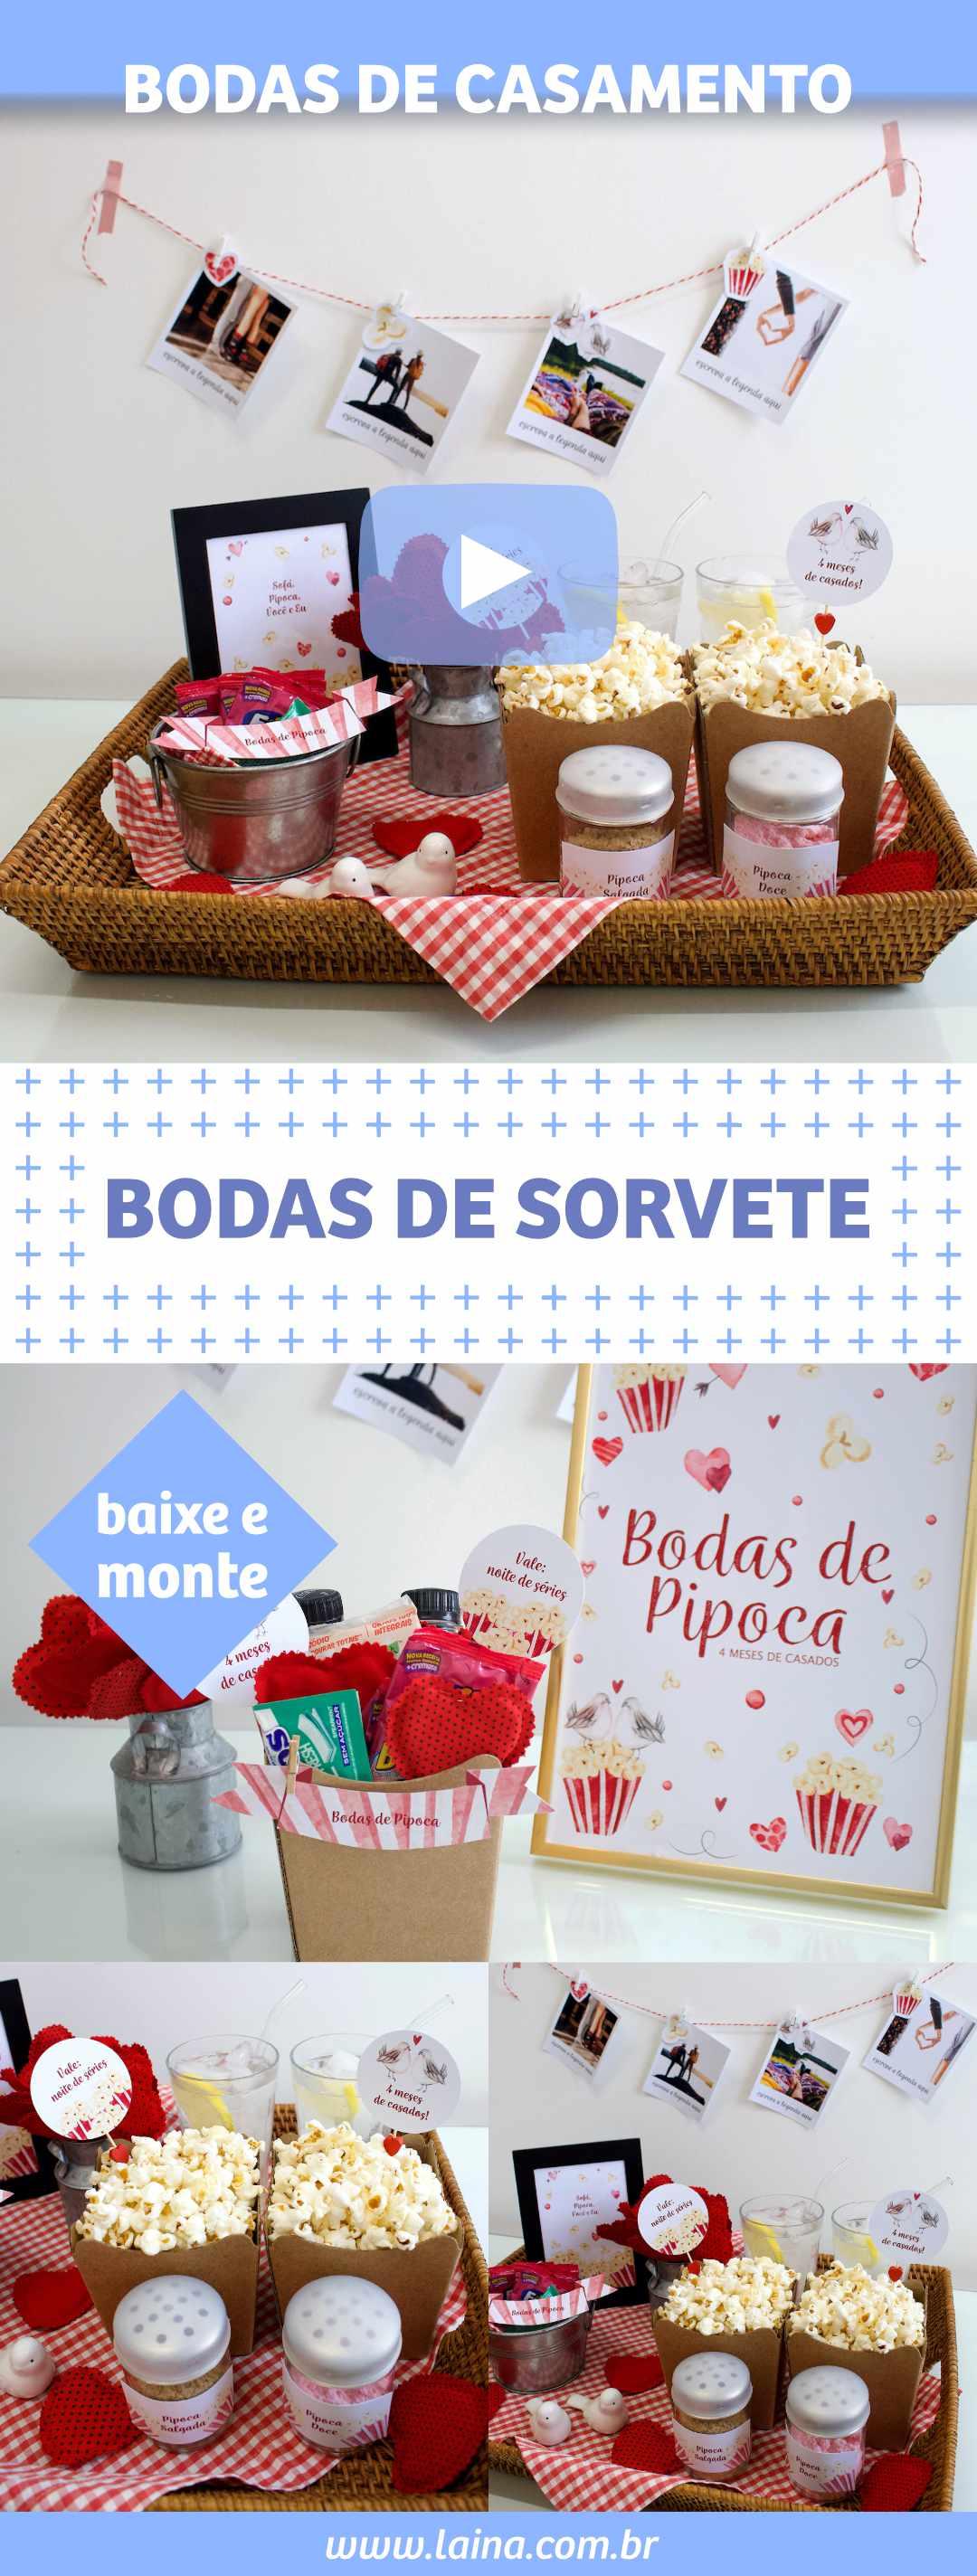 BODAS DE PIPOCA - Comemorando 4 meses de casados com noite de séries e filmes